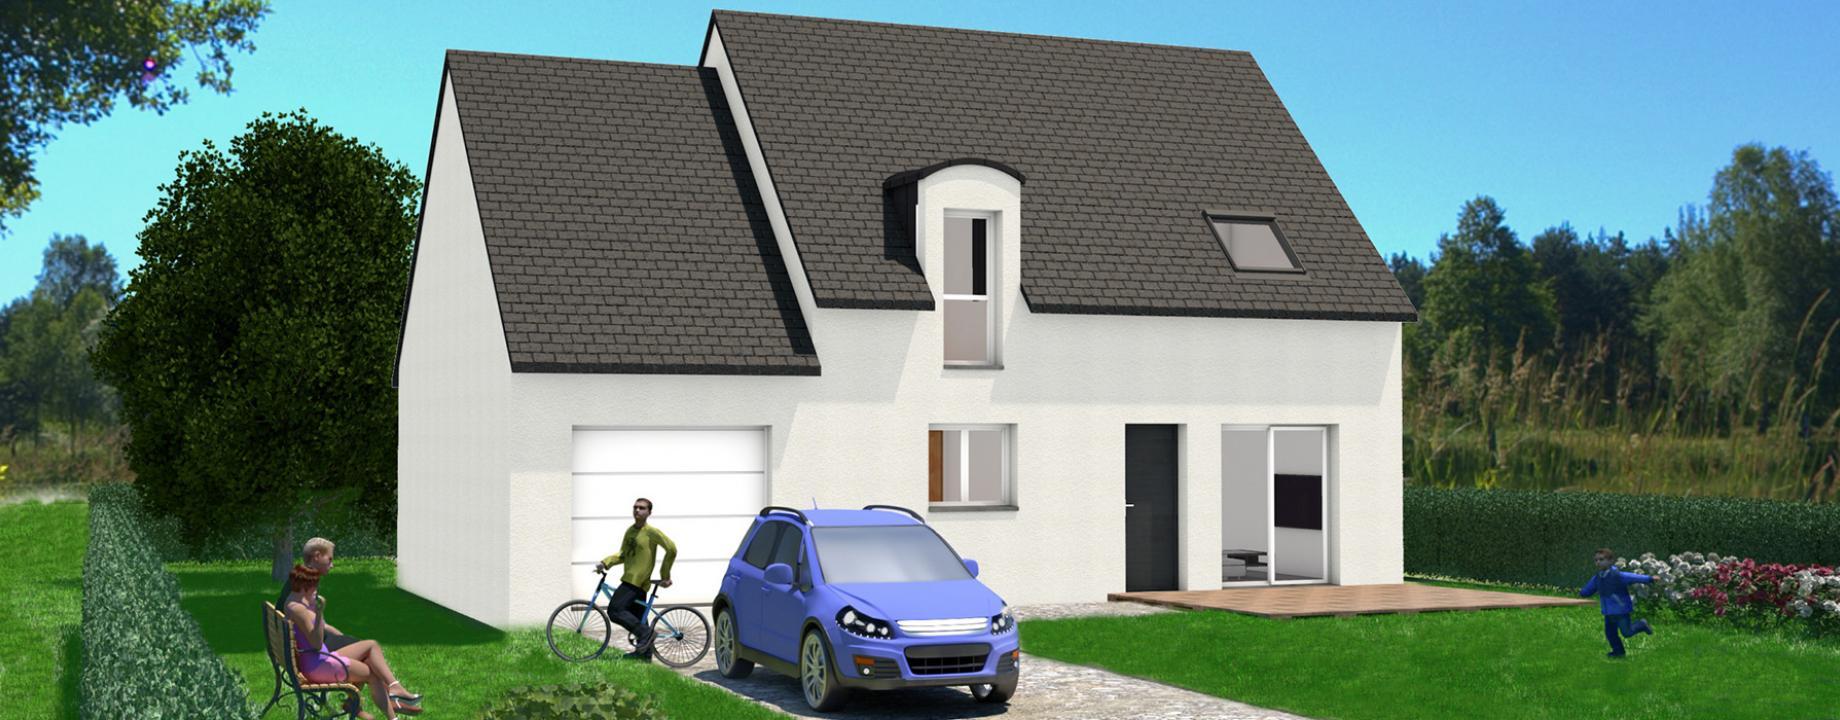 Image gasnier-maisons-individuelles04.jpg